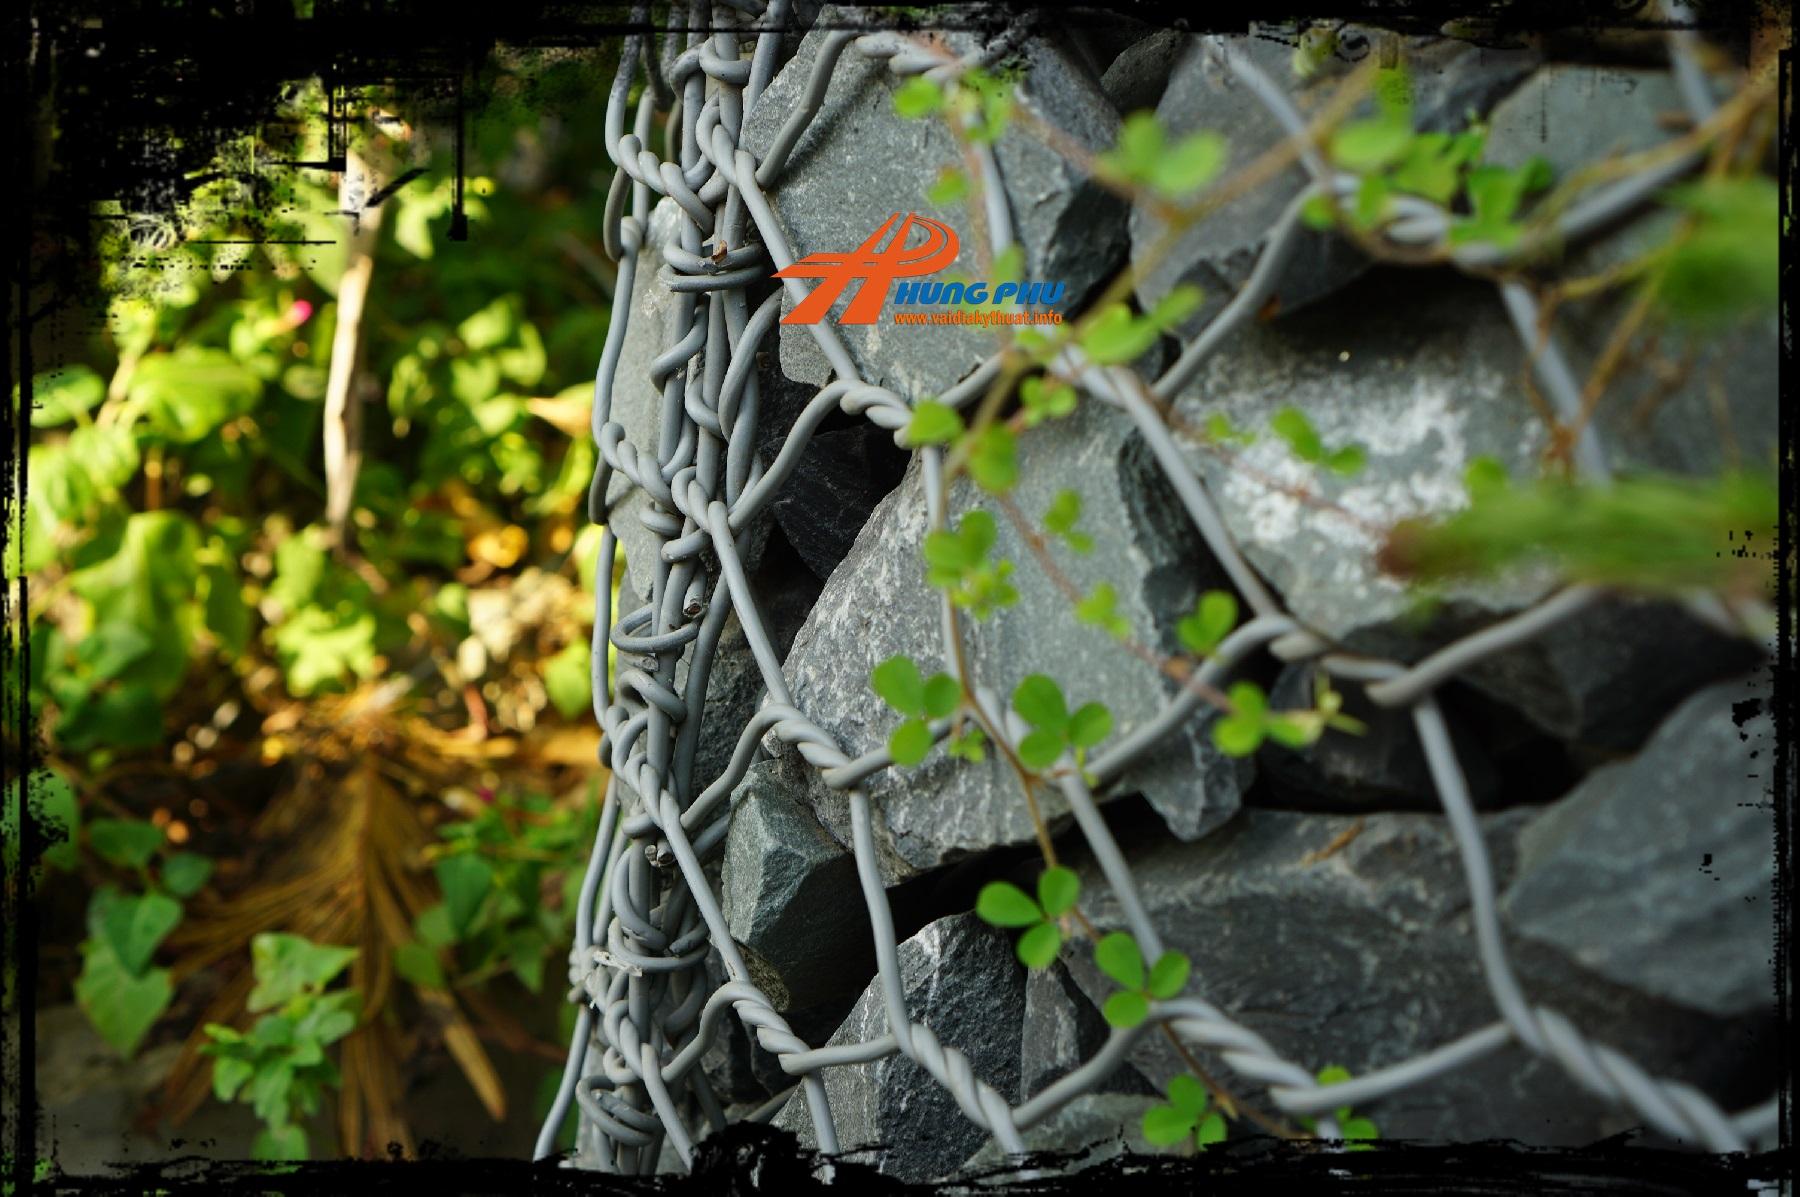 Rọ đá trang trí tường cảnh quan